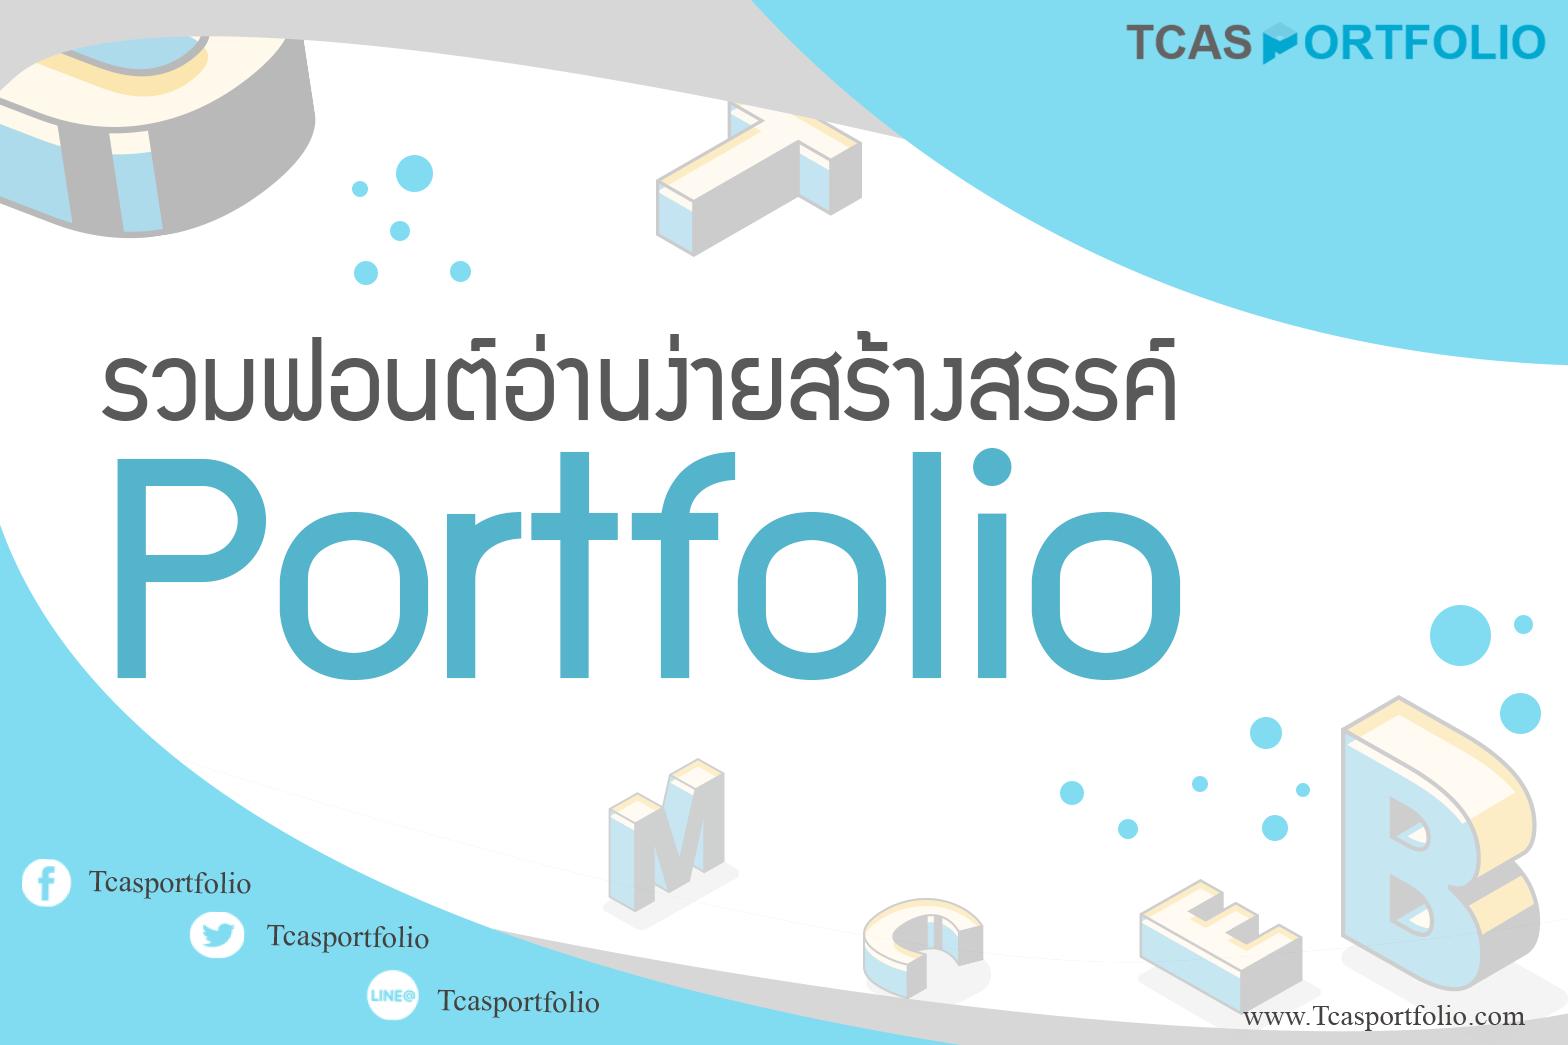 รวมฟอนต์ไม่มีหัว อ่านง่ายสร้างสรรค์ Portfolio , ฟอนต์ทําพอร์ต , portfolio font